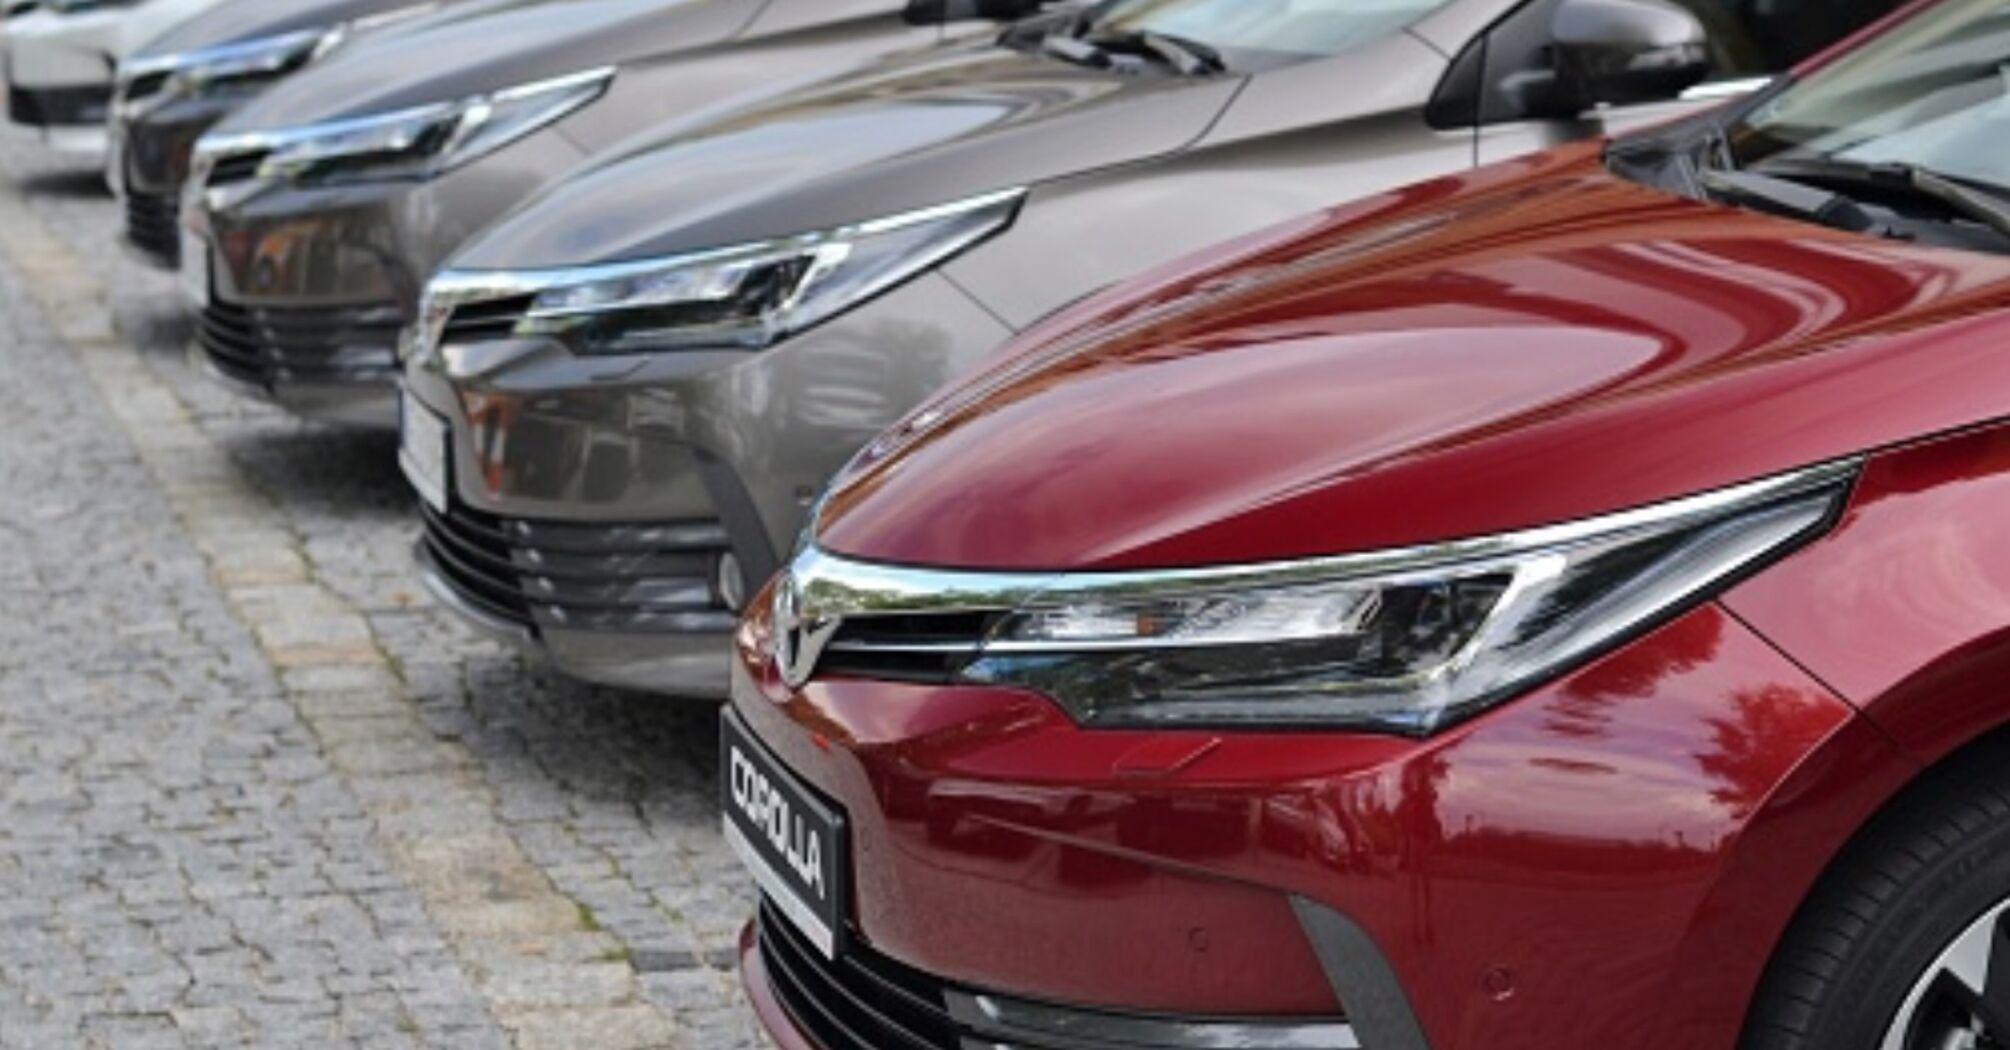 Обов'язковий техогляд: що чекає автовласників - законопроект